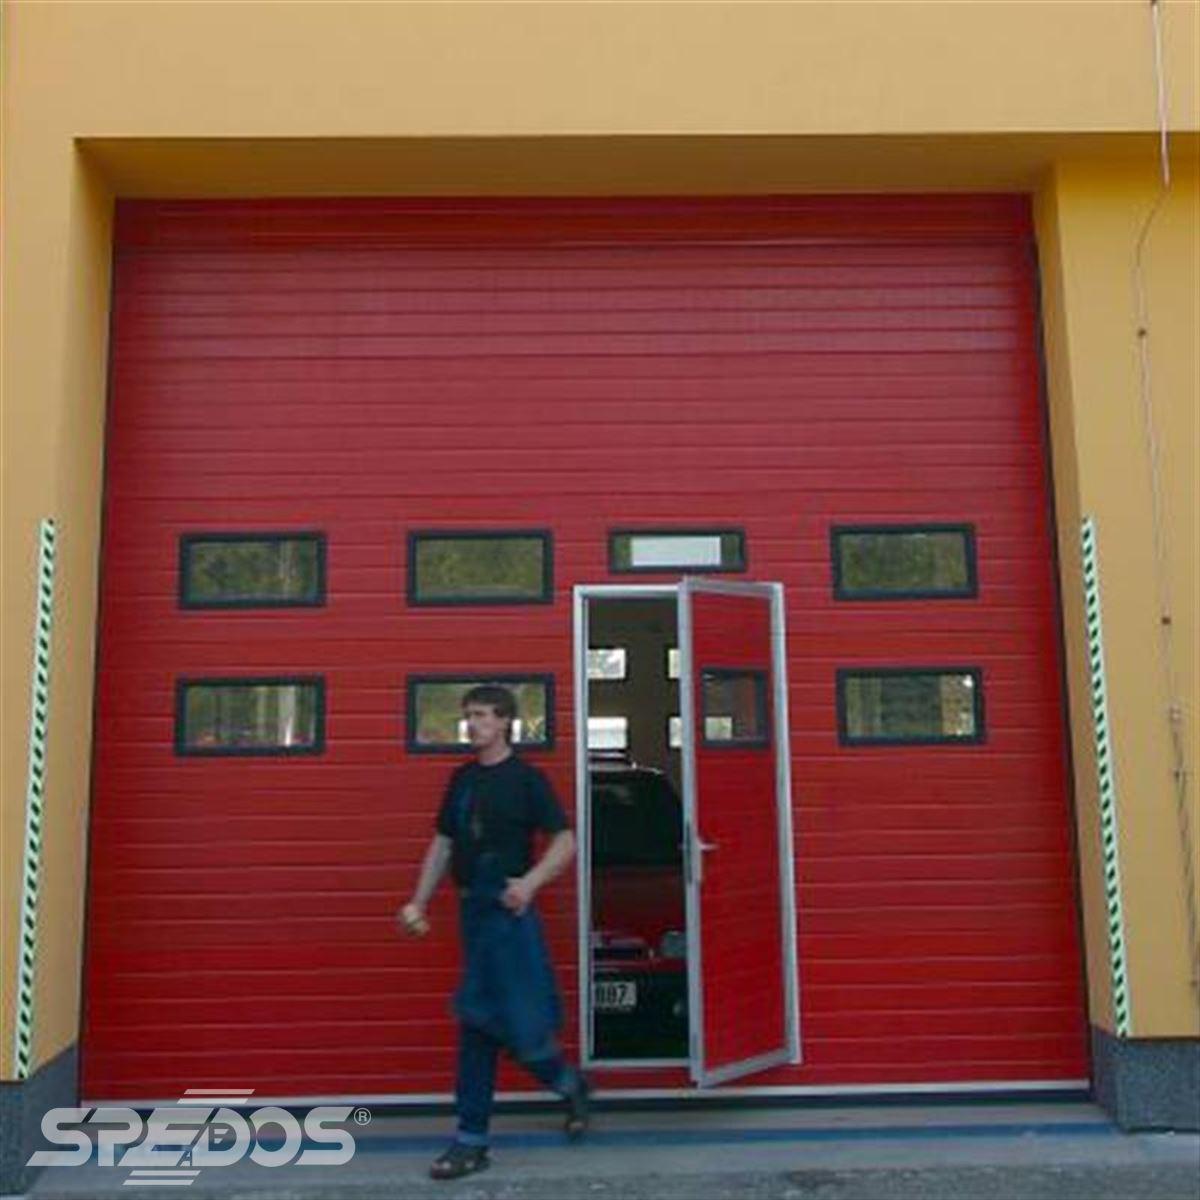 Garážová sekční vrata v červené barvě